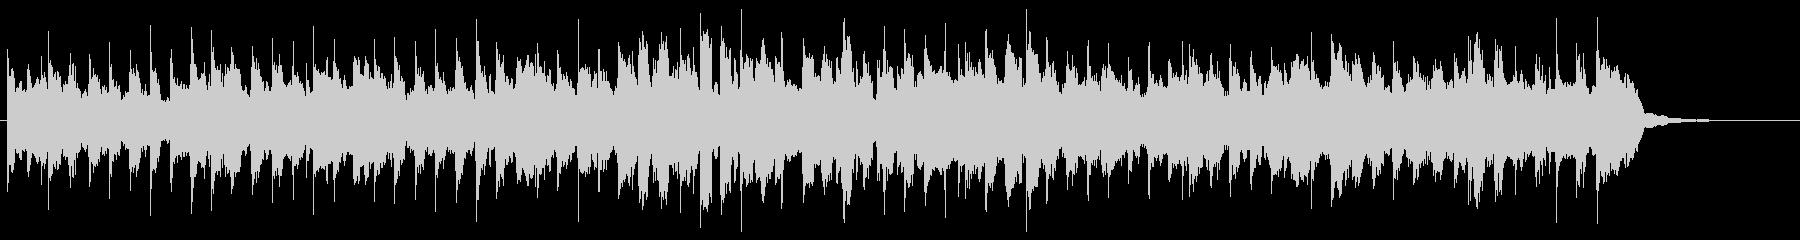 ハーモニカが印象的な軽快なジングルの未再生の波形